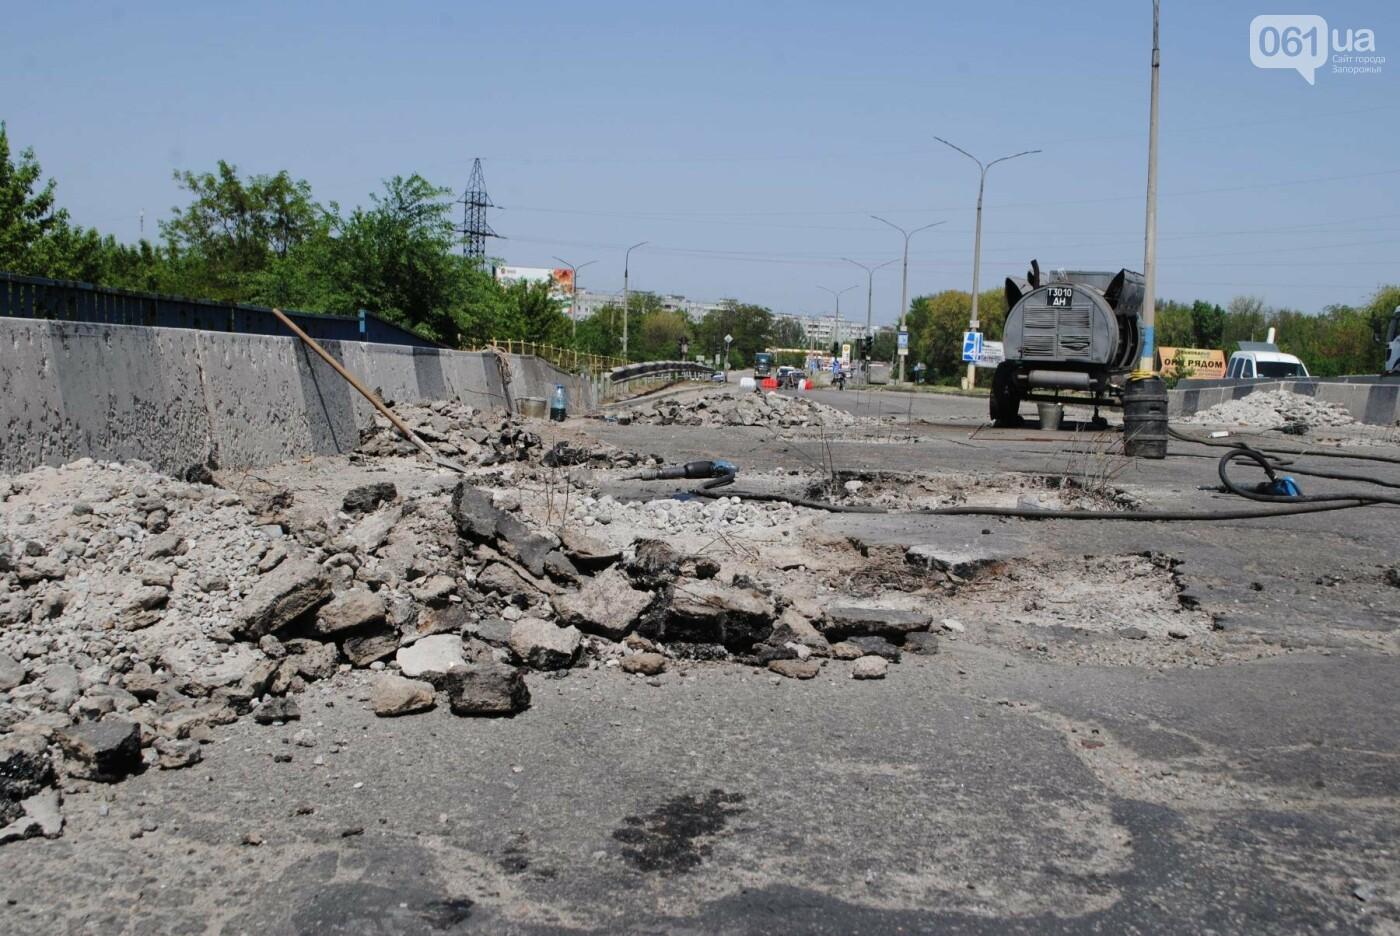 Ремонт моста на трассе в Запорожье: сначала мешали дожди, теперь — жара, - ФОТО, фото-7